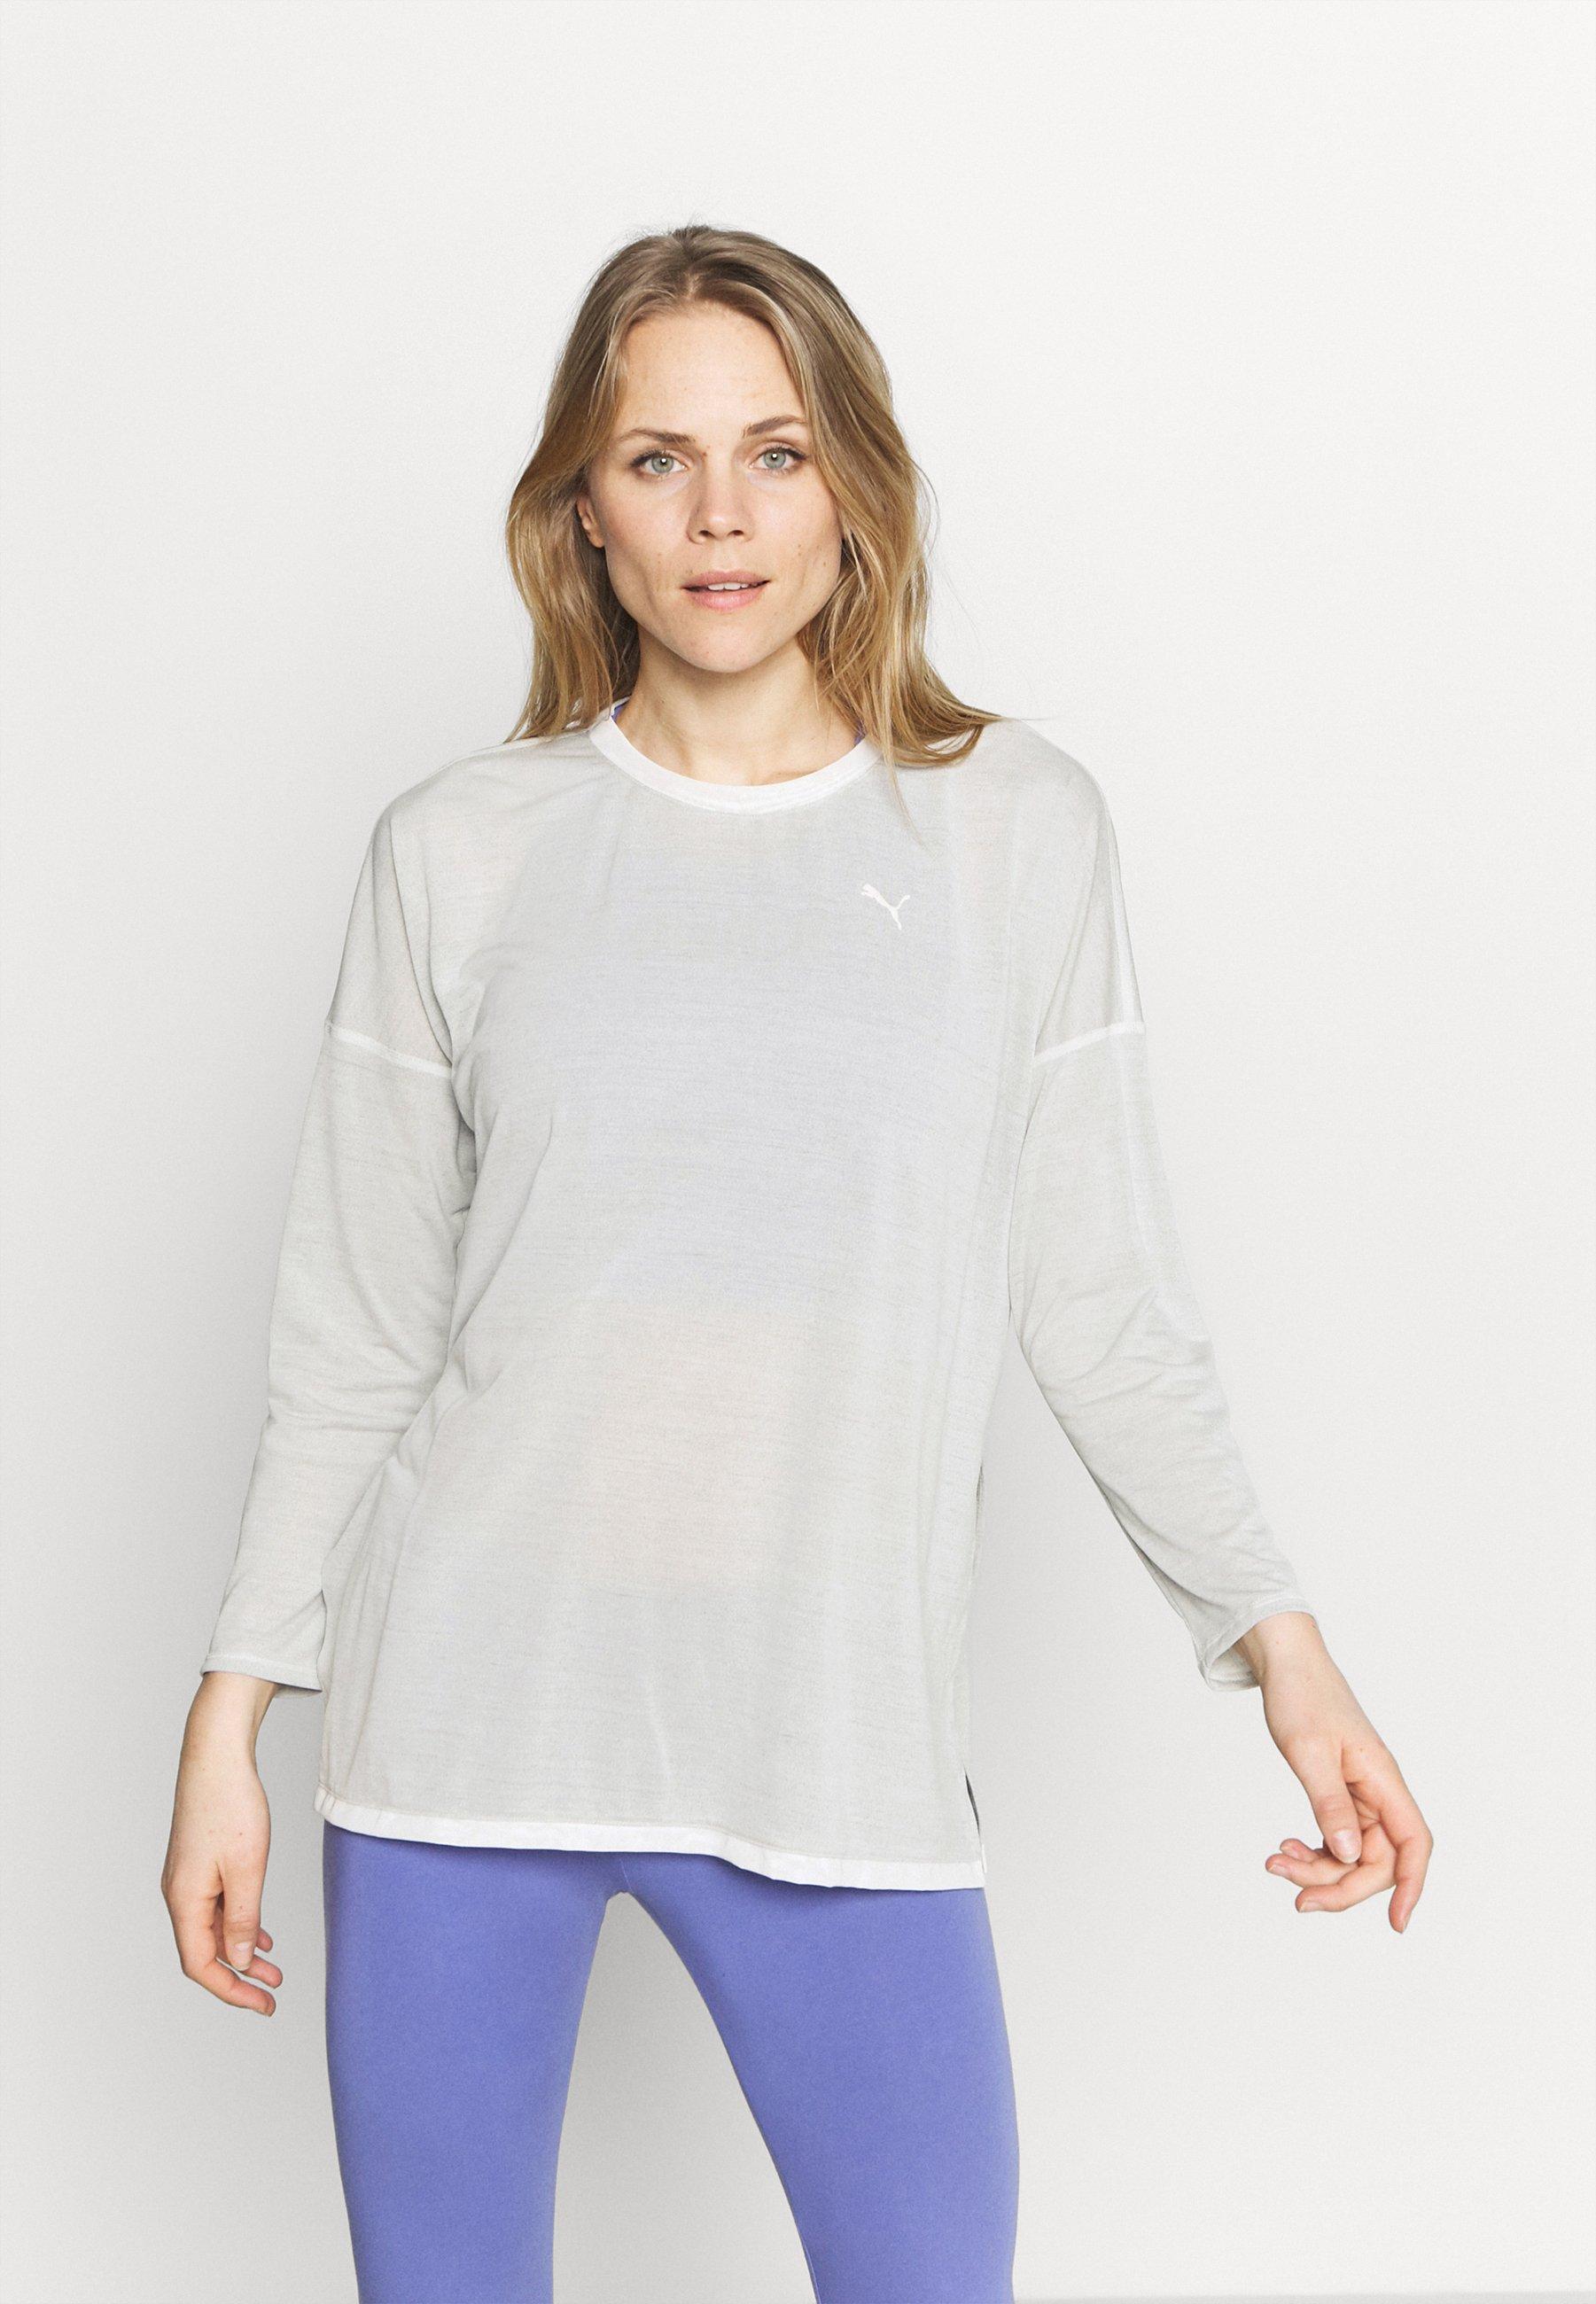 Women STUDIO GRAPHENE LONG SLEEVE - Long sleeved top